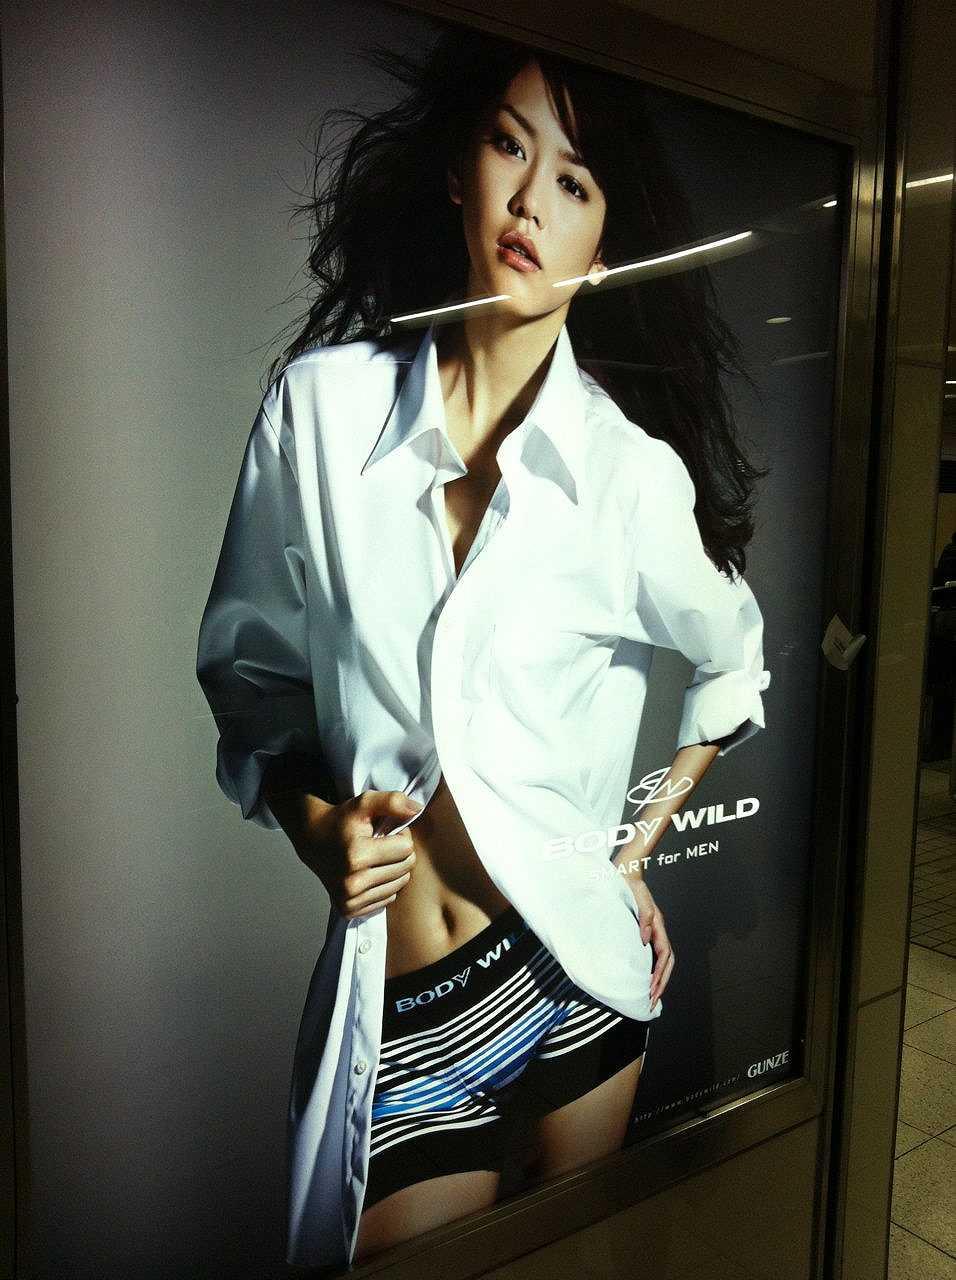 グンゼ「ボディワイルド」のメンズ物の下着を履いた桐谷美玲